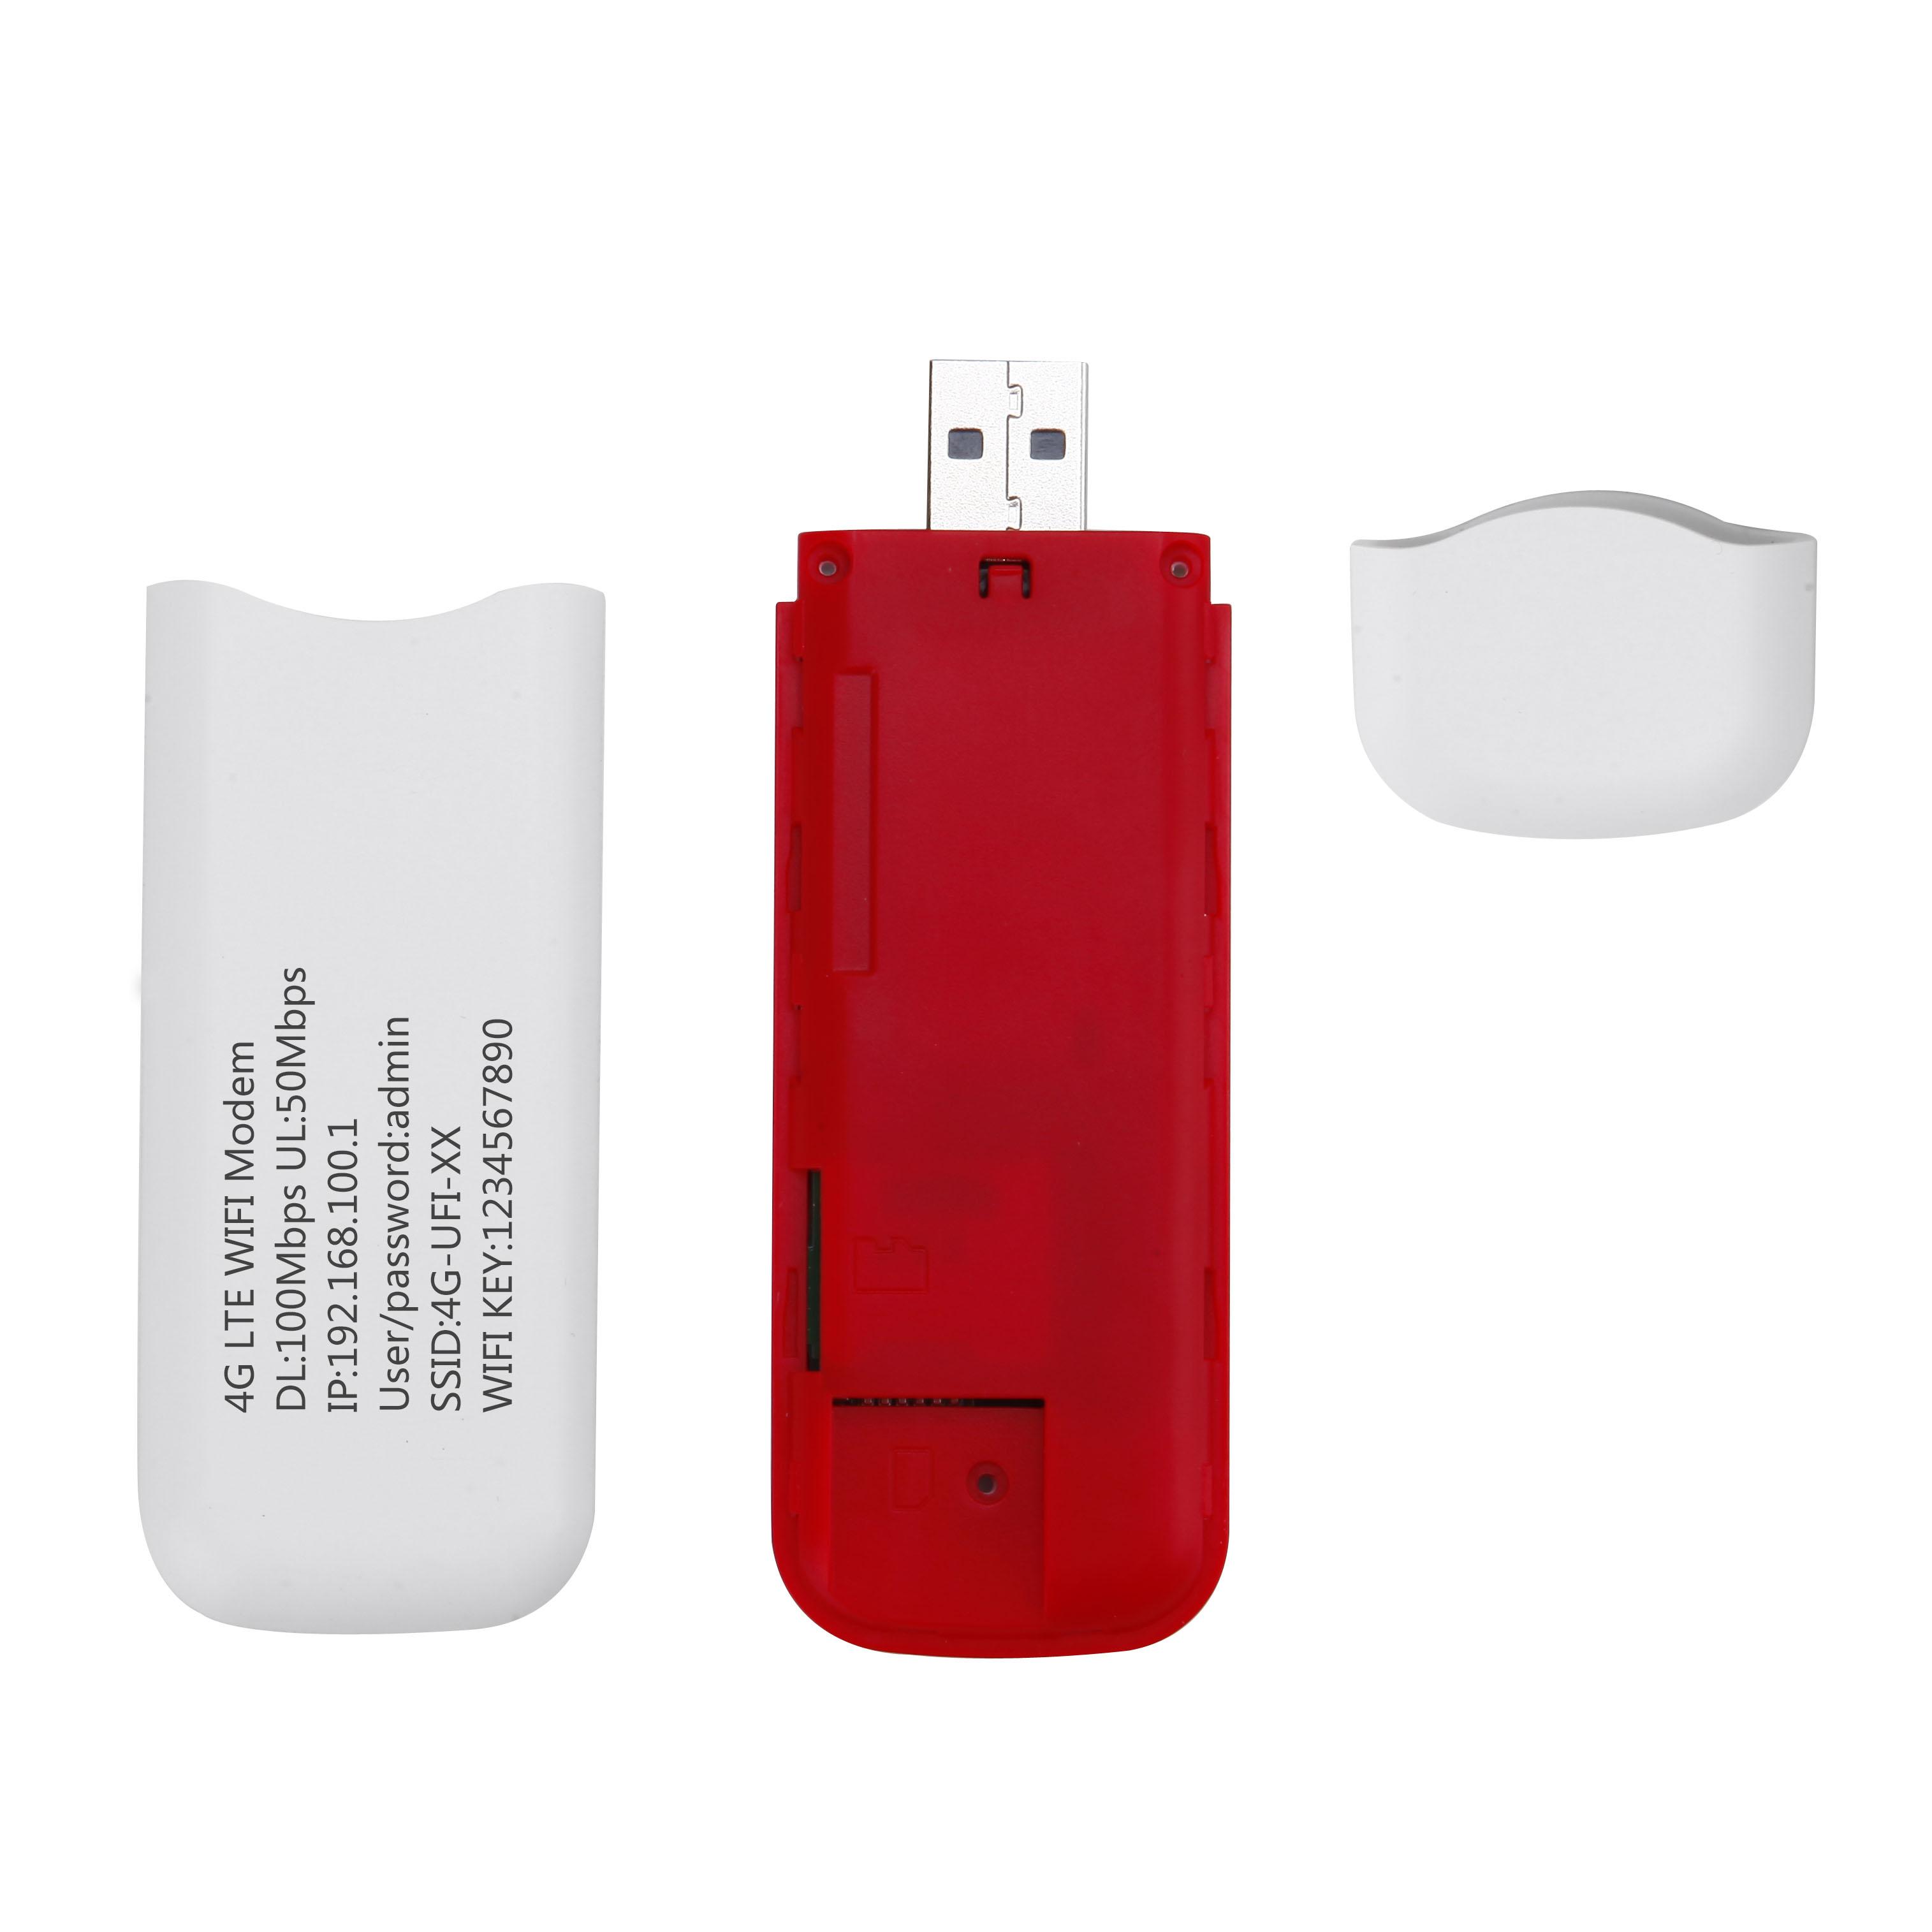 HW-L100F 即插即用4G LTE USB 路由器